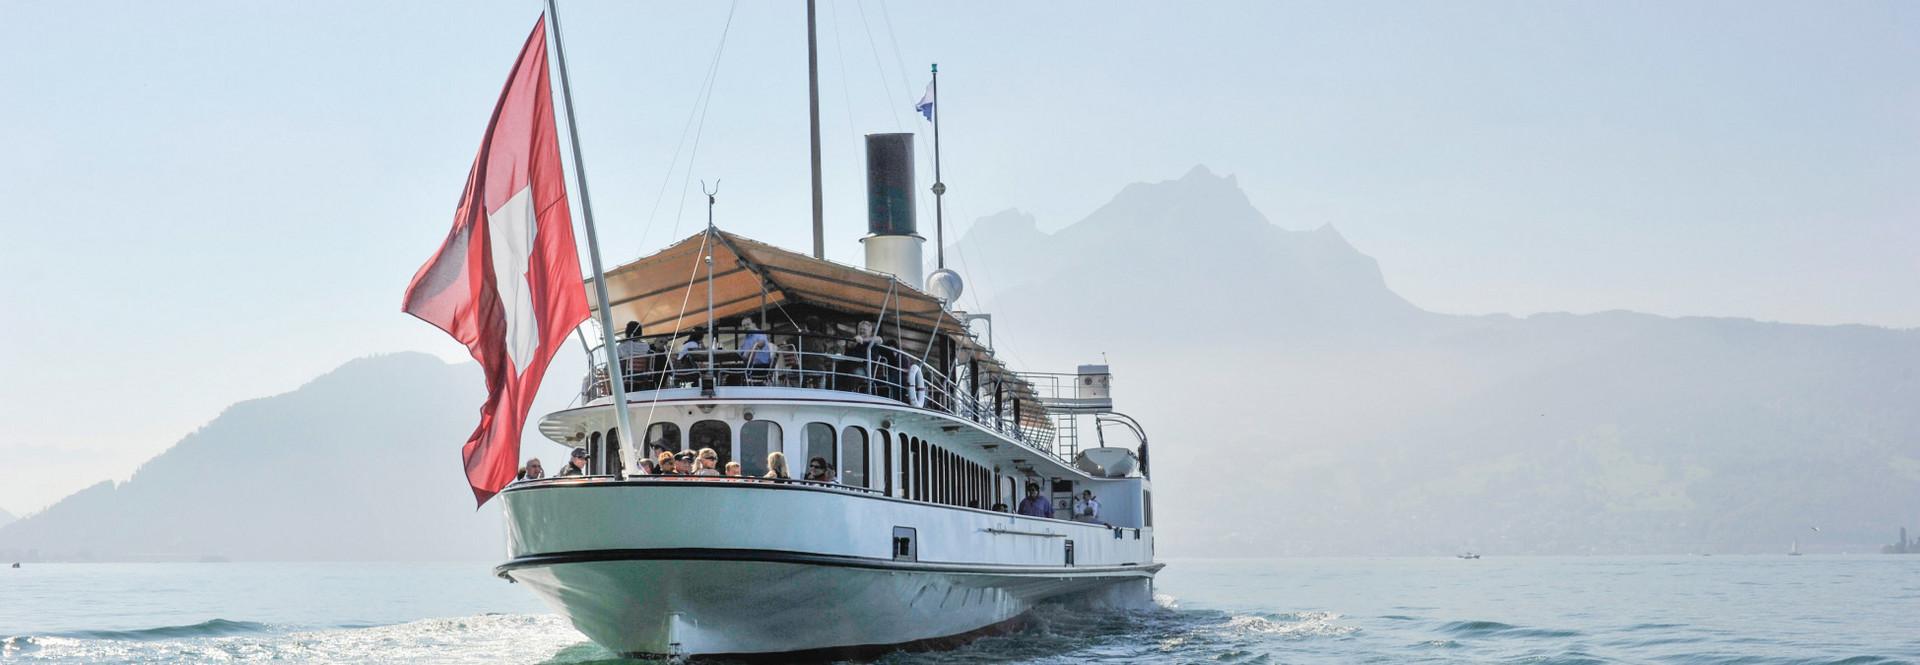 Gäste geniessen das Wetter auf dem Aussendeck des Dampfschiffes nach einem ausgiebigen Brunch.